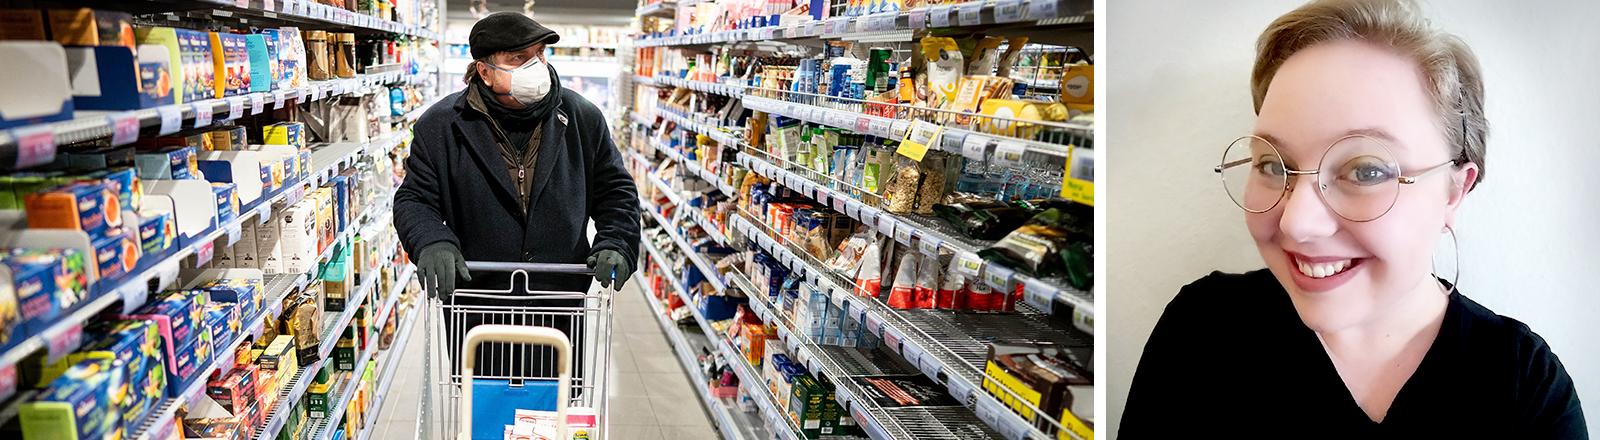 Links: Waren in einem Supermarktregal / Rechts: Portrait von Michelle Janßen